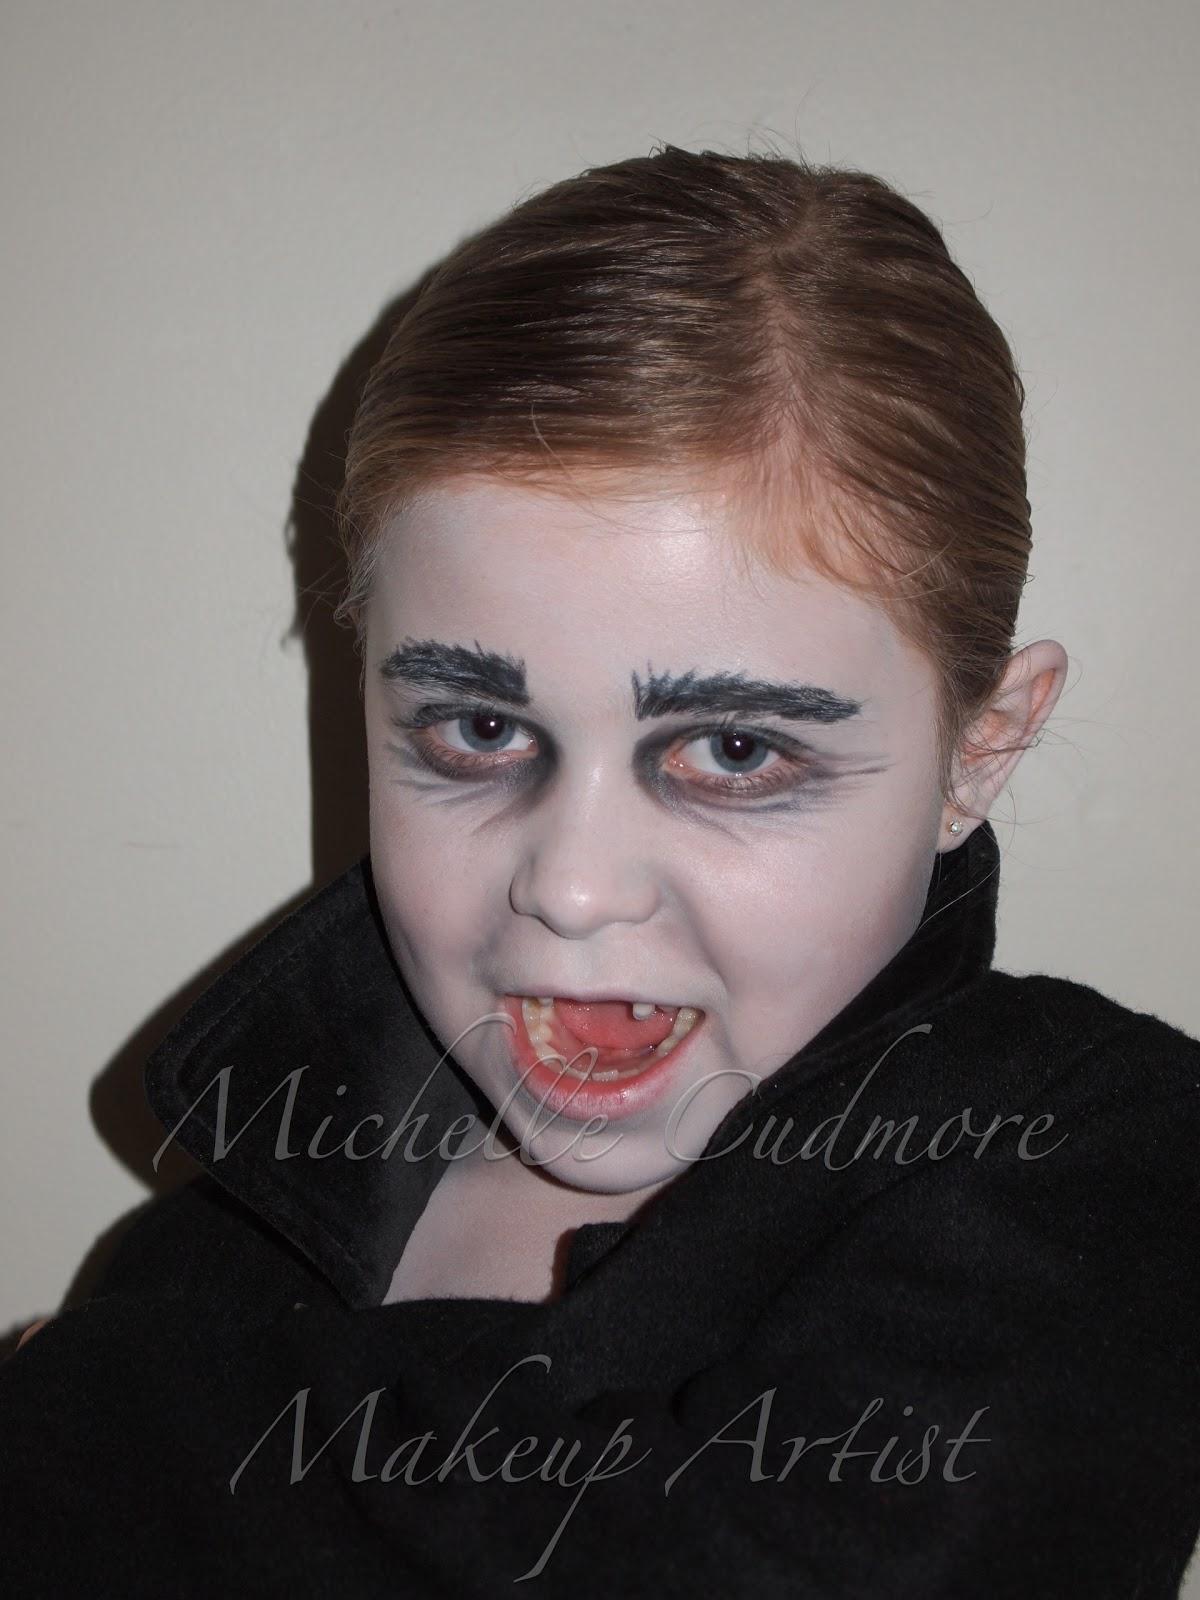 PEI Makeup Artist: Kids Halloween Makeup